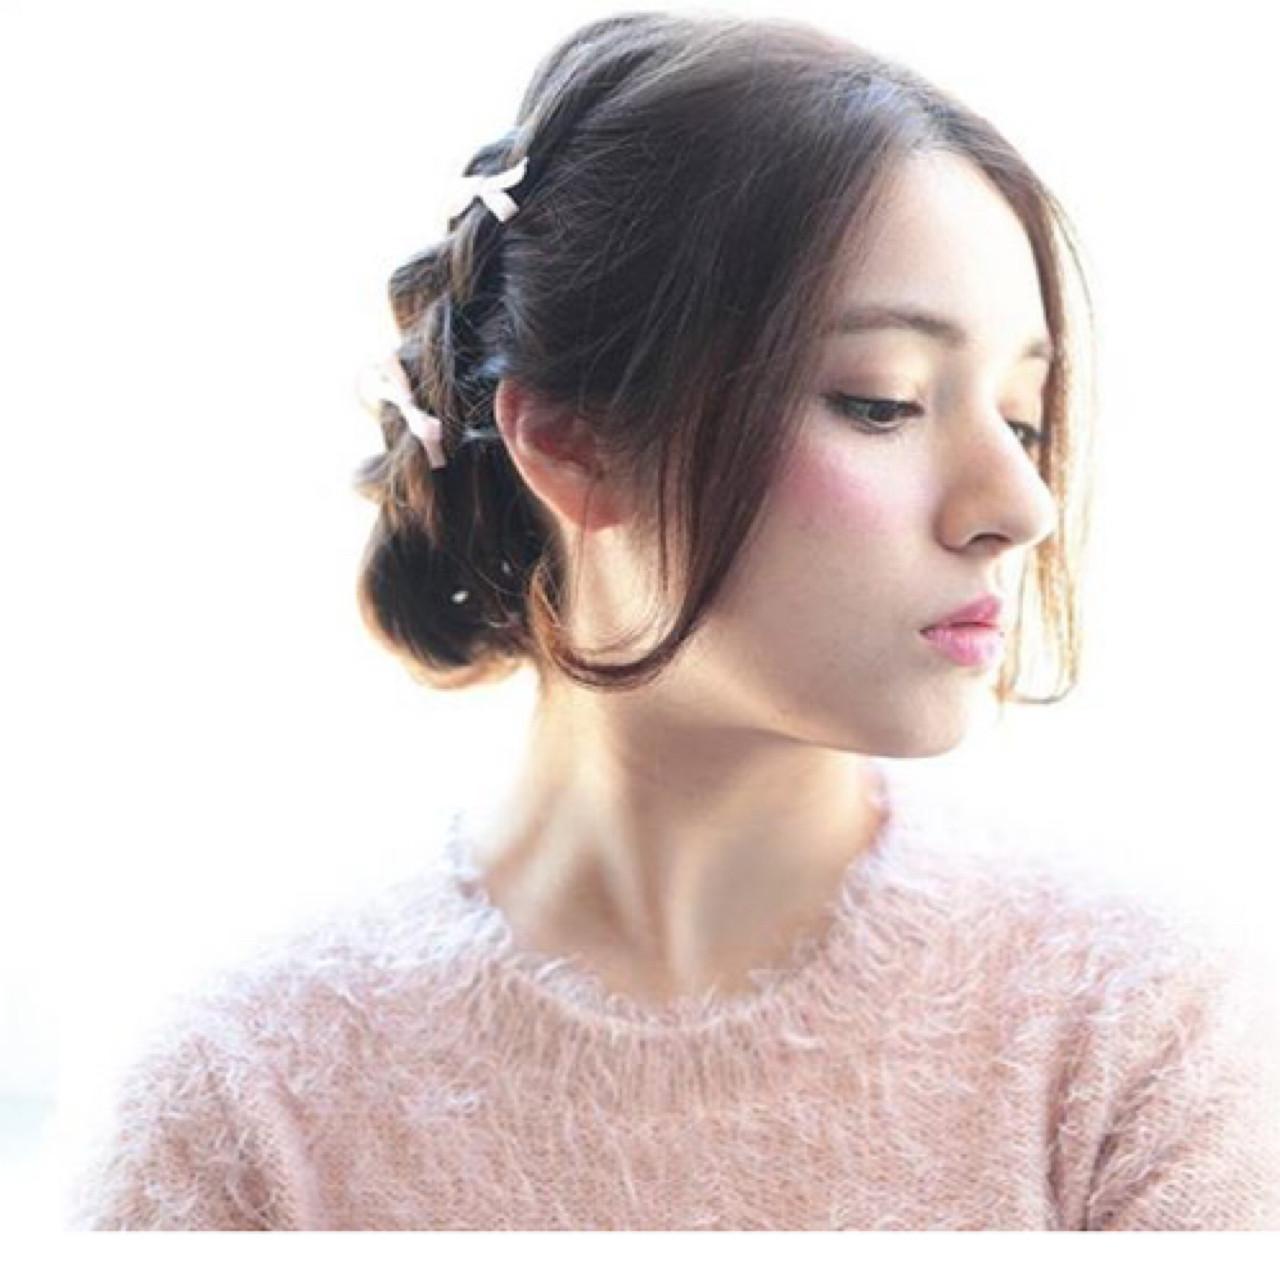 ガーリー ショート 簡単ヘアアレンジ ミディアム ヘアスタイルや髪型の写真・画像 | 渡会佳奈 / RUALA